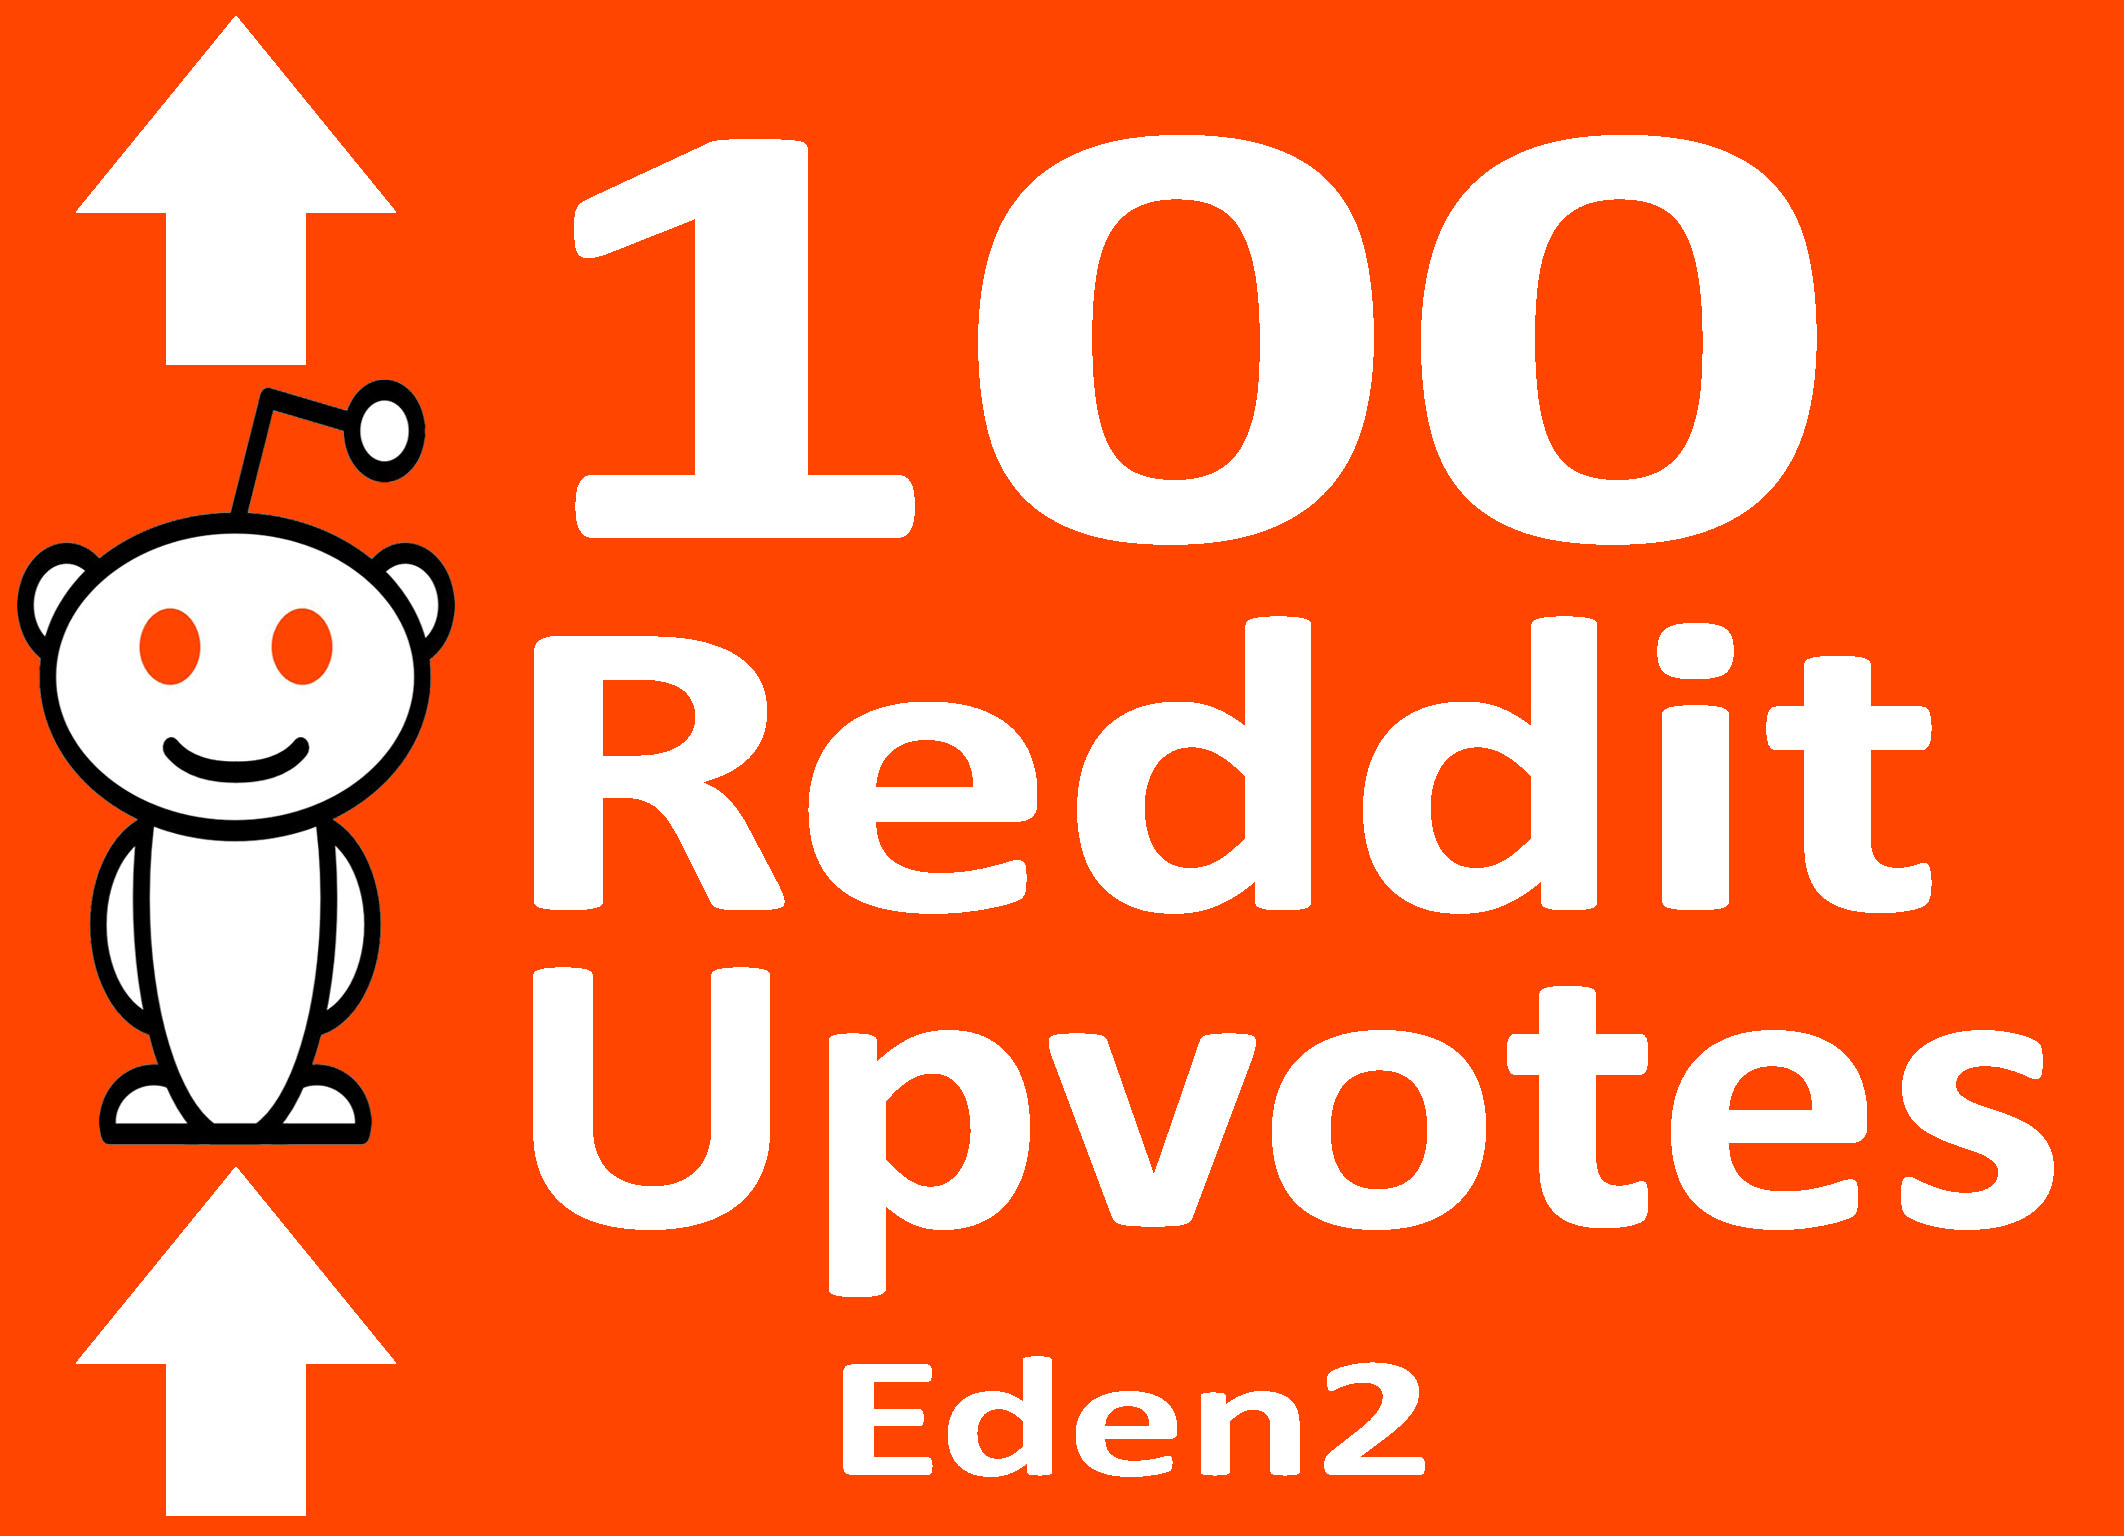 Super Fast 100 Reddit Post Promotion Service Via Real User